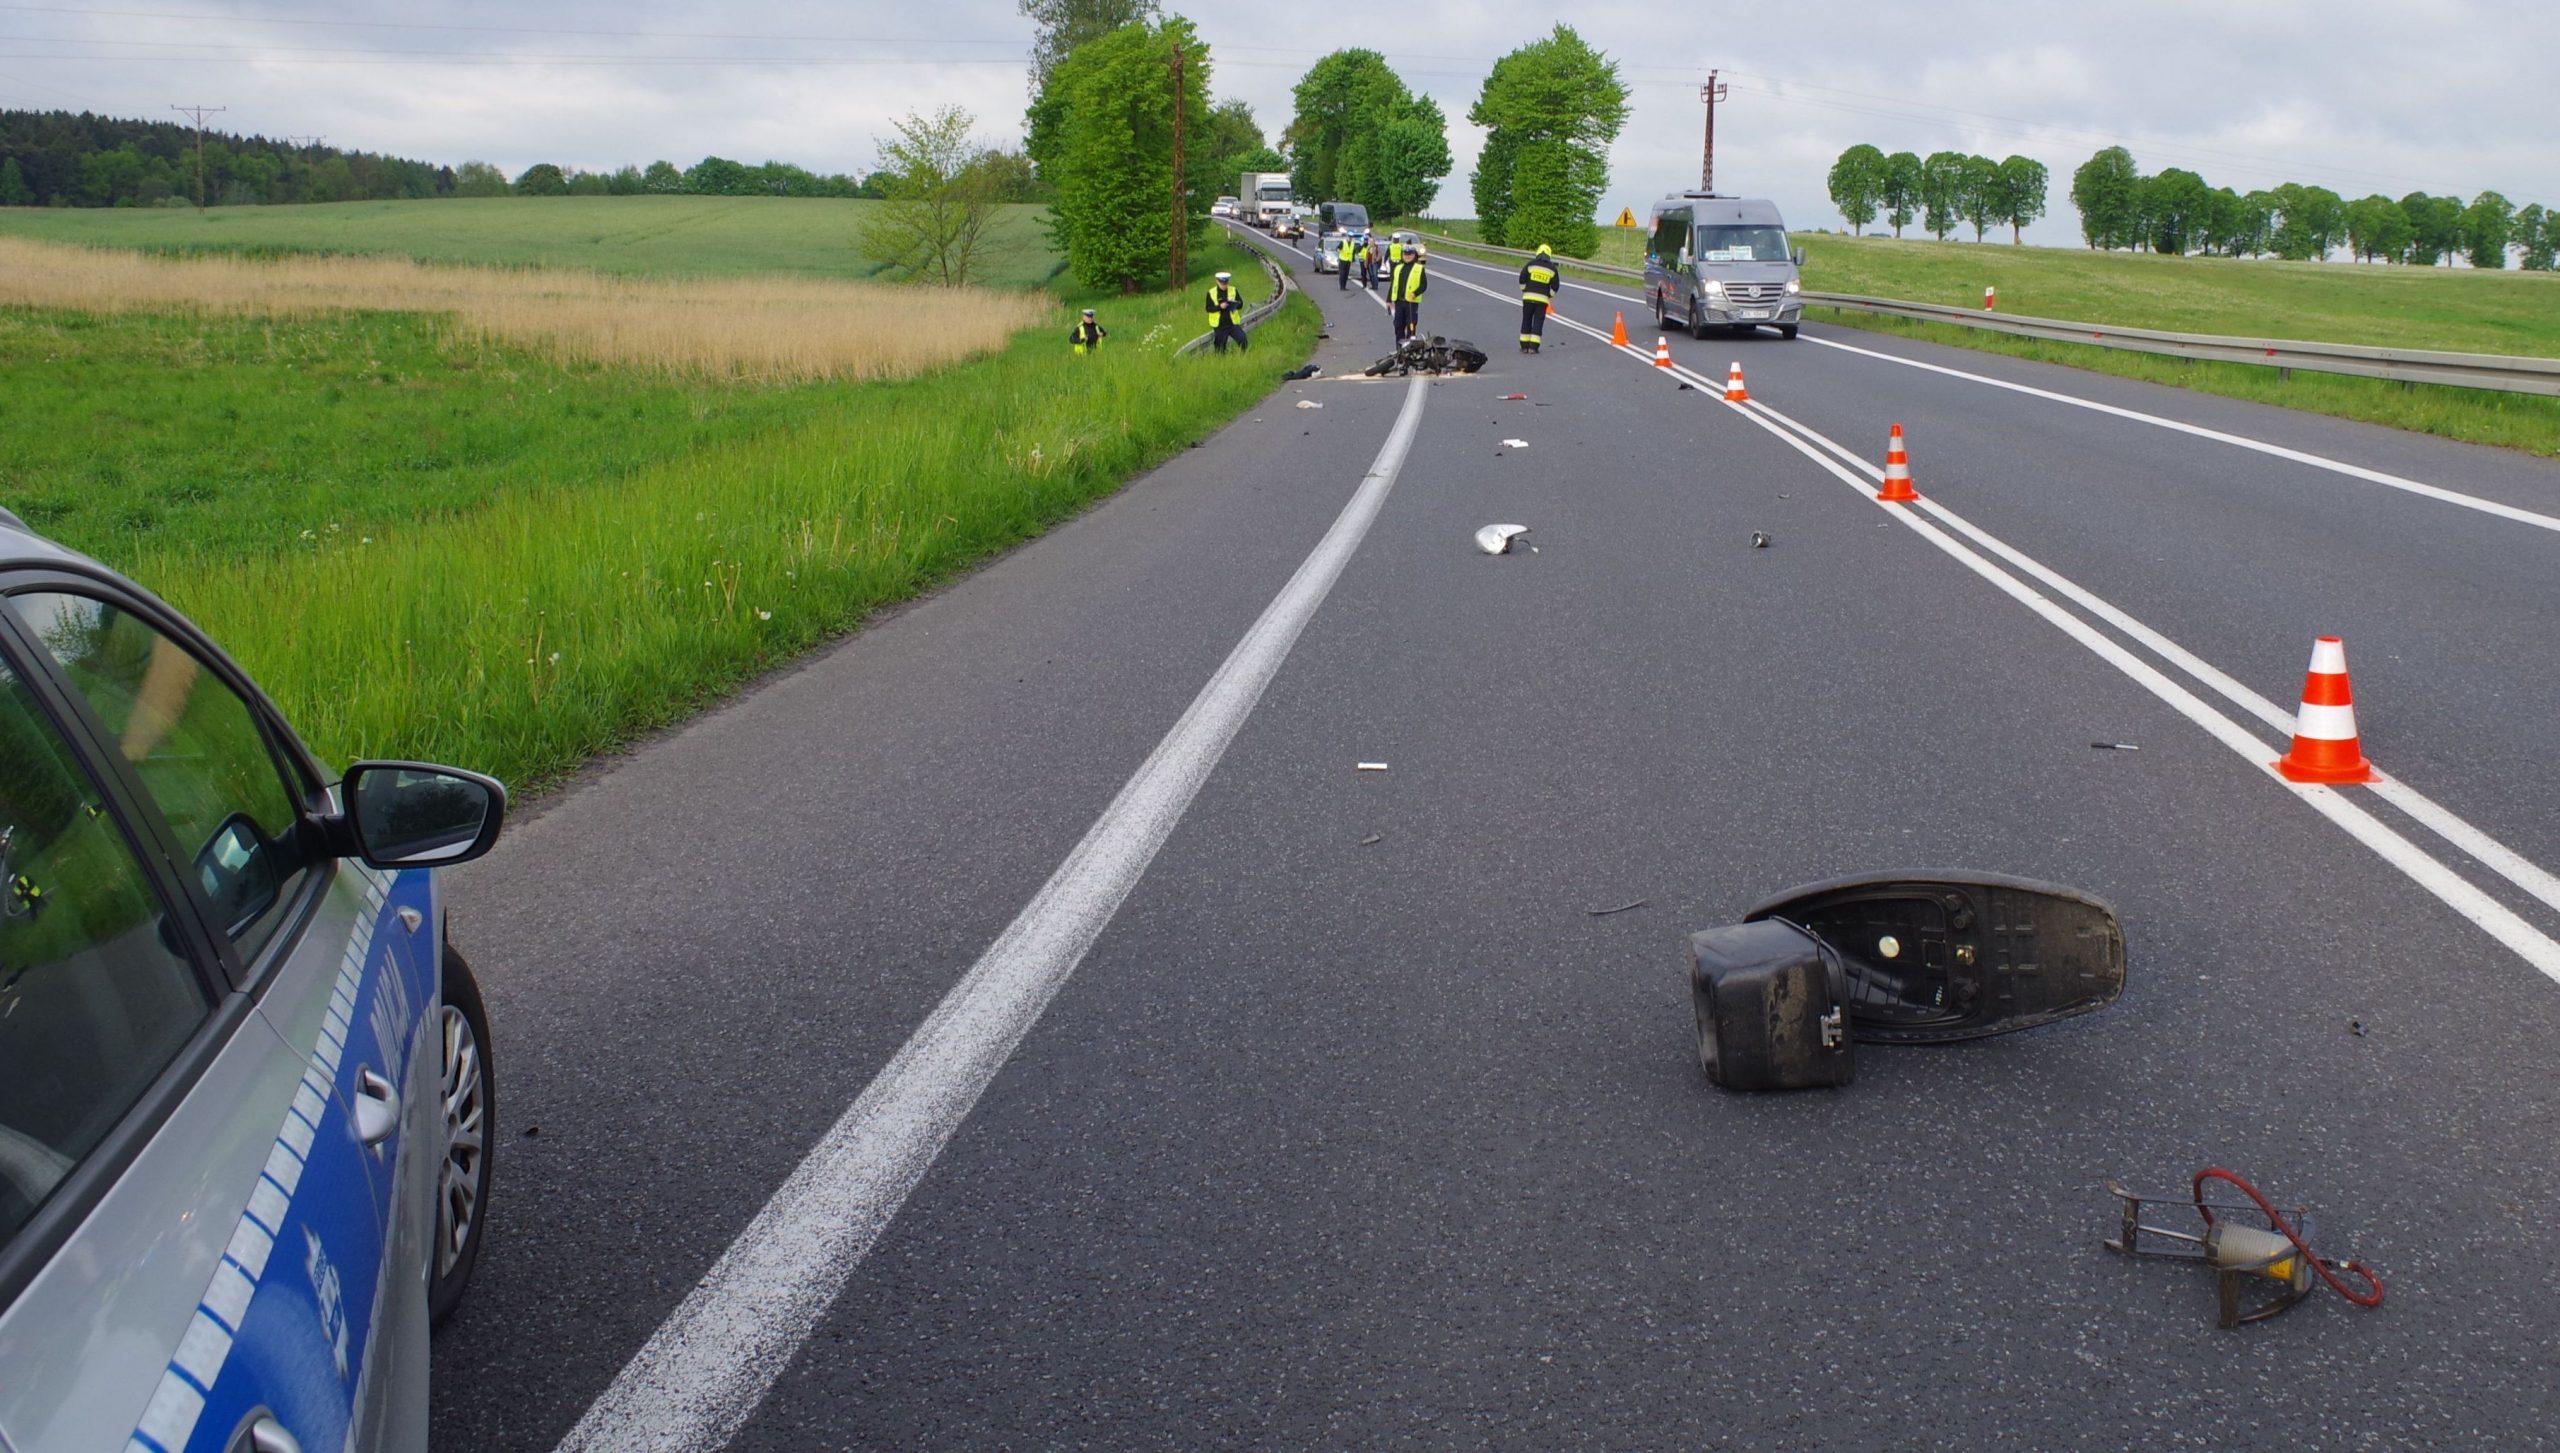 Policja - Nietrzeźwa kierująca spowodowała wypadek ze skutkiem śmiertelnym